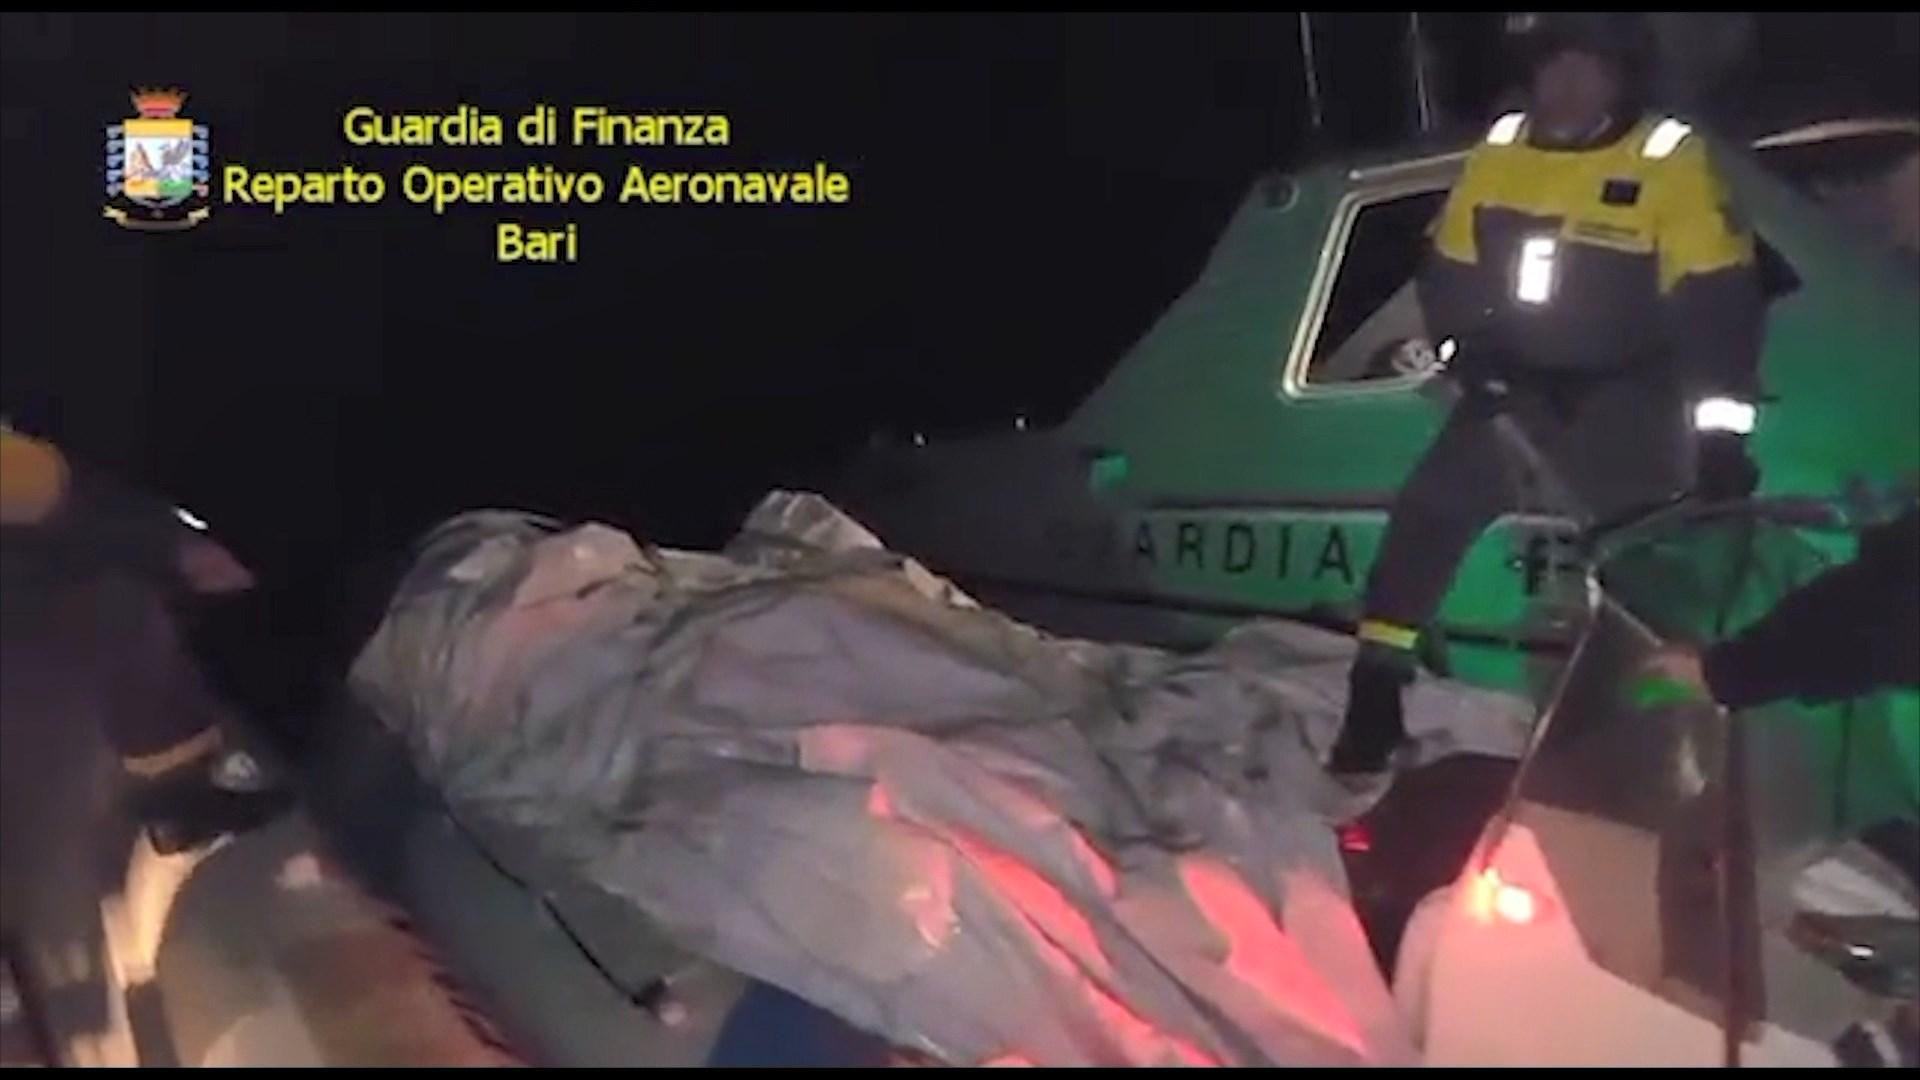 Itali, pranga 2 shqiptarëve me 500 kg drogë/Vlorë, arrestohen 2 policë